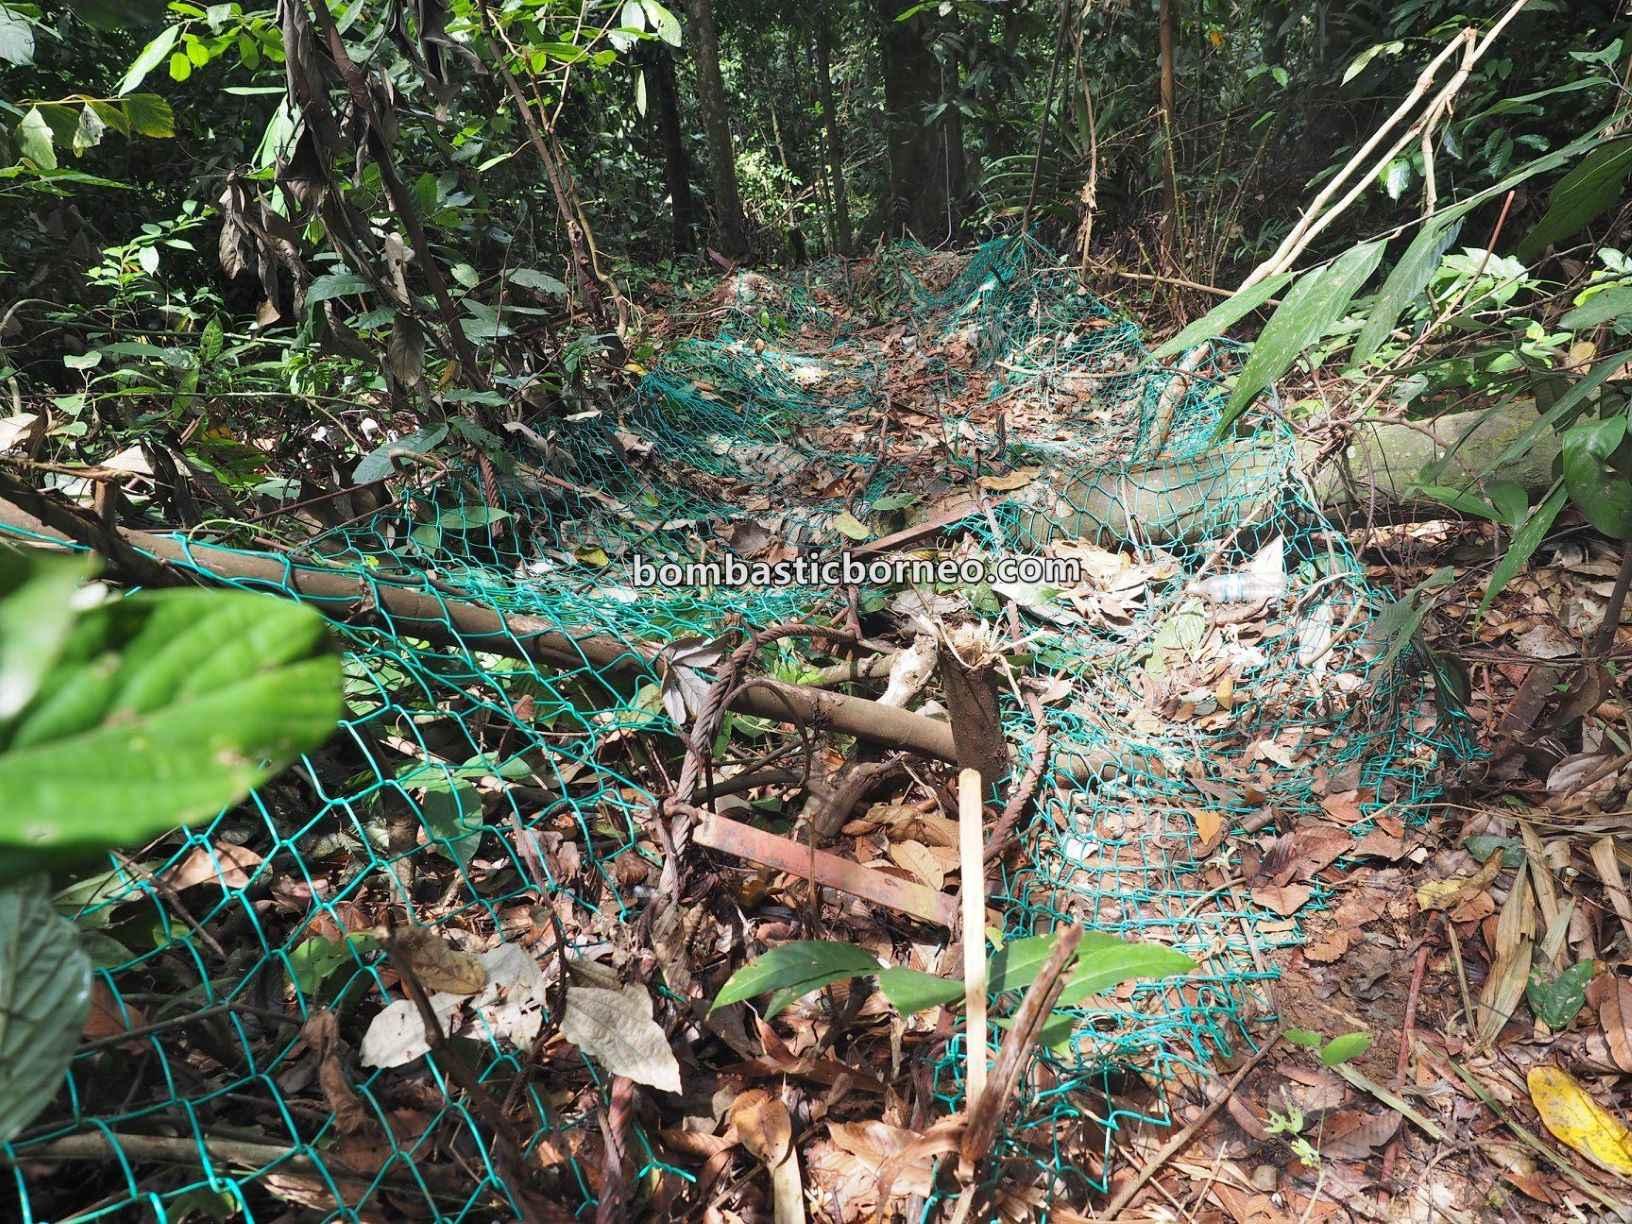 Gemok Hill Forest Reserve, adventure, nature, outdoor, exploration, Hutan simpan, Jambatan gantung, Titian Silara, Malaysia, Sabah, Tourism, Trans Borneo, 穿越婆罗洲游踪,马来西亚沙巴, 斗湖森林保护区,